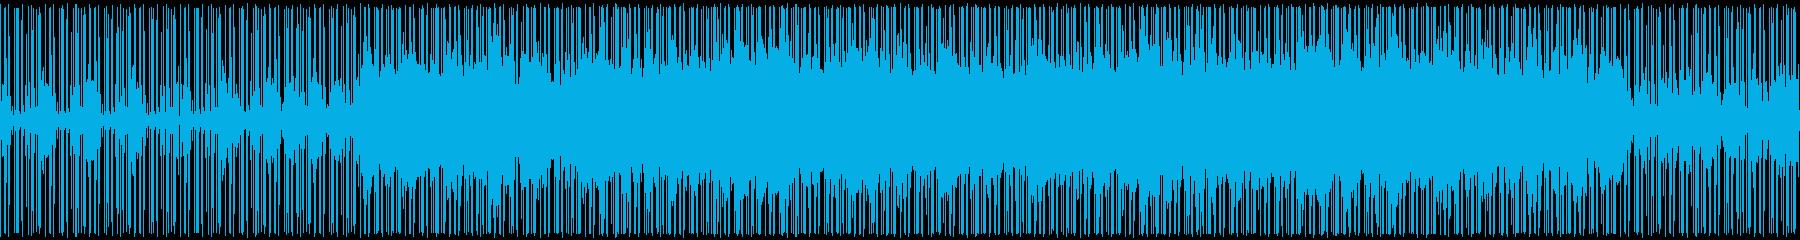 伝統的な和風テイストの曲の再生済みの波形